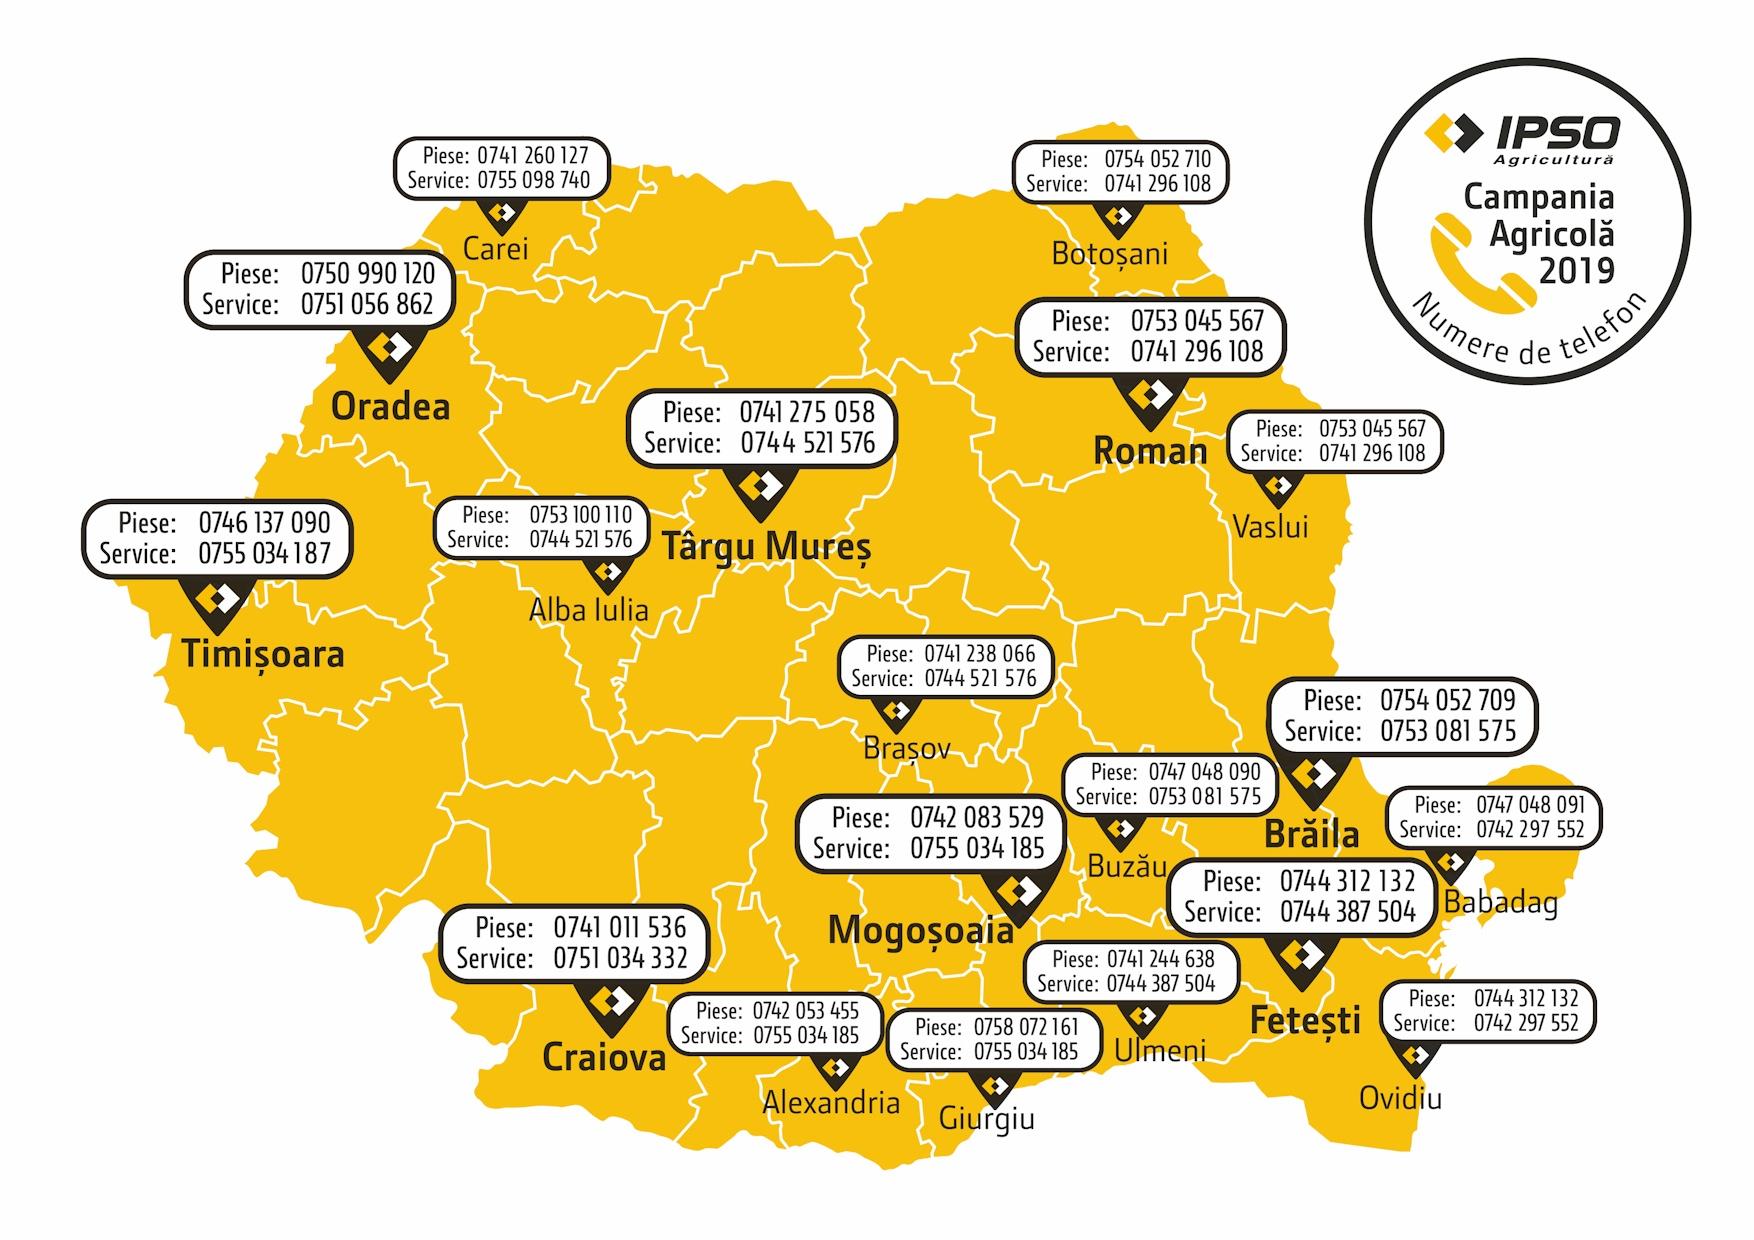 IPSO AGRICULTURĂ: NUMERE DE TELEFON PENTRU SITUAȚIILE DE URGENȚĂ ȘI PROGRAM SPECIAL PENTRU CAMPANIA AGRICOLĂ 2019